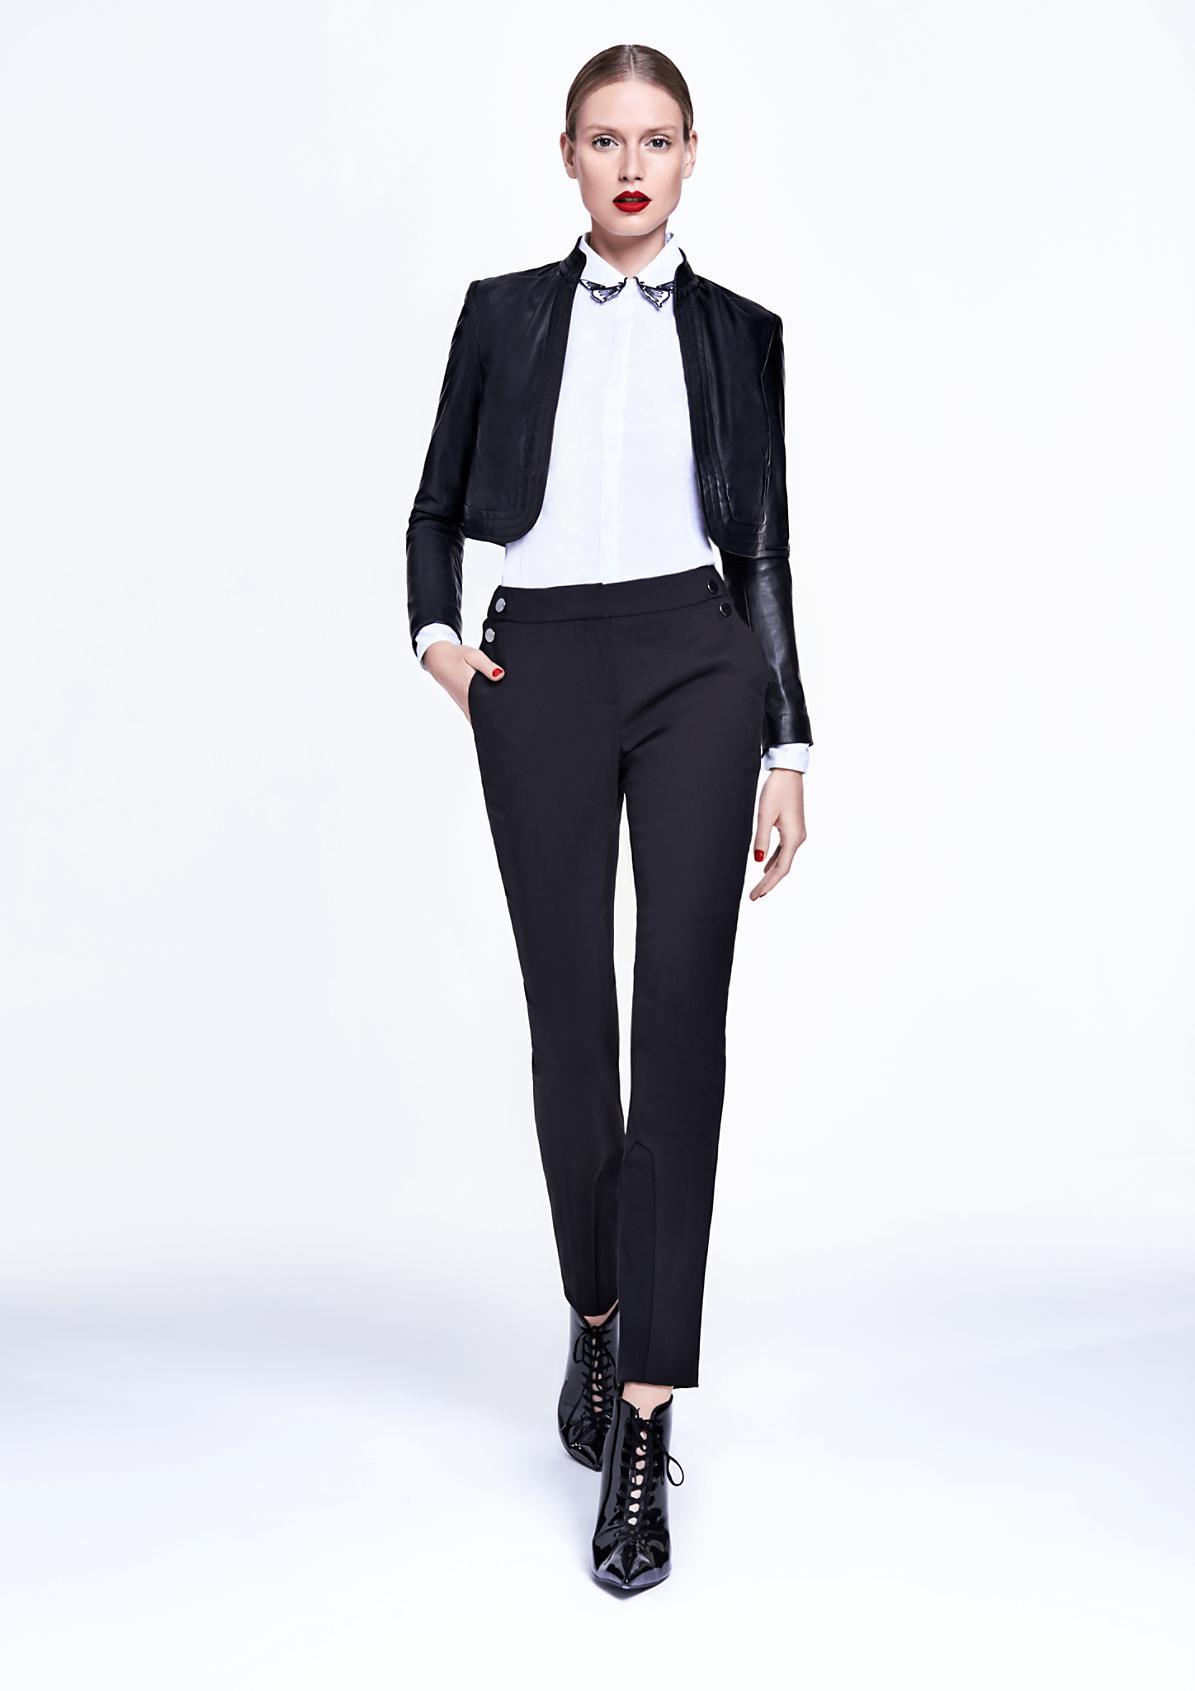 Elegante Businesspants mit glänzenden Zierknöpfen